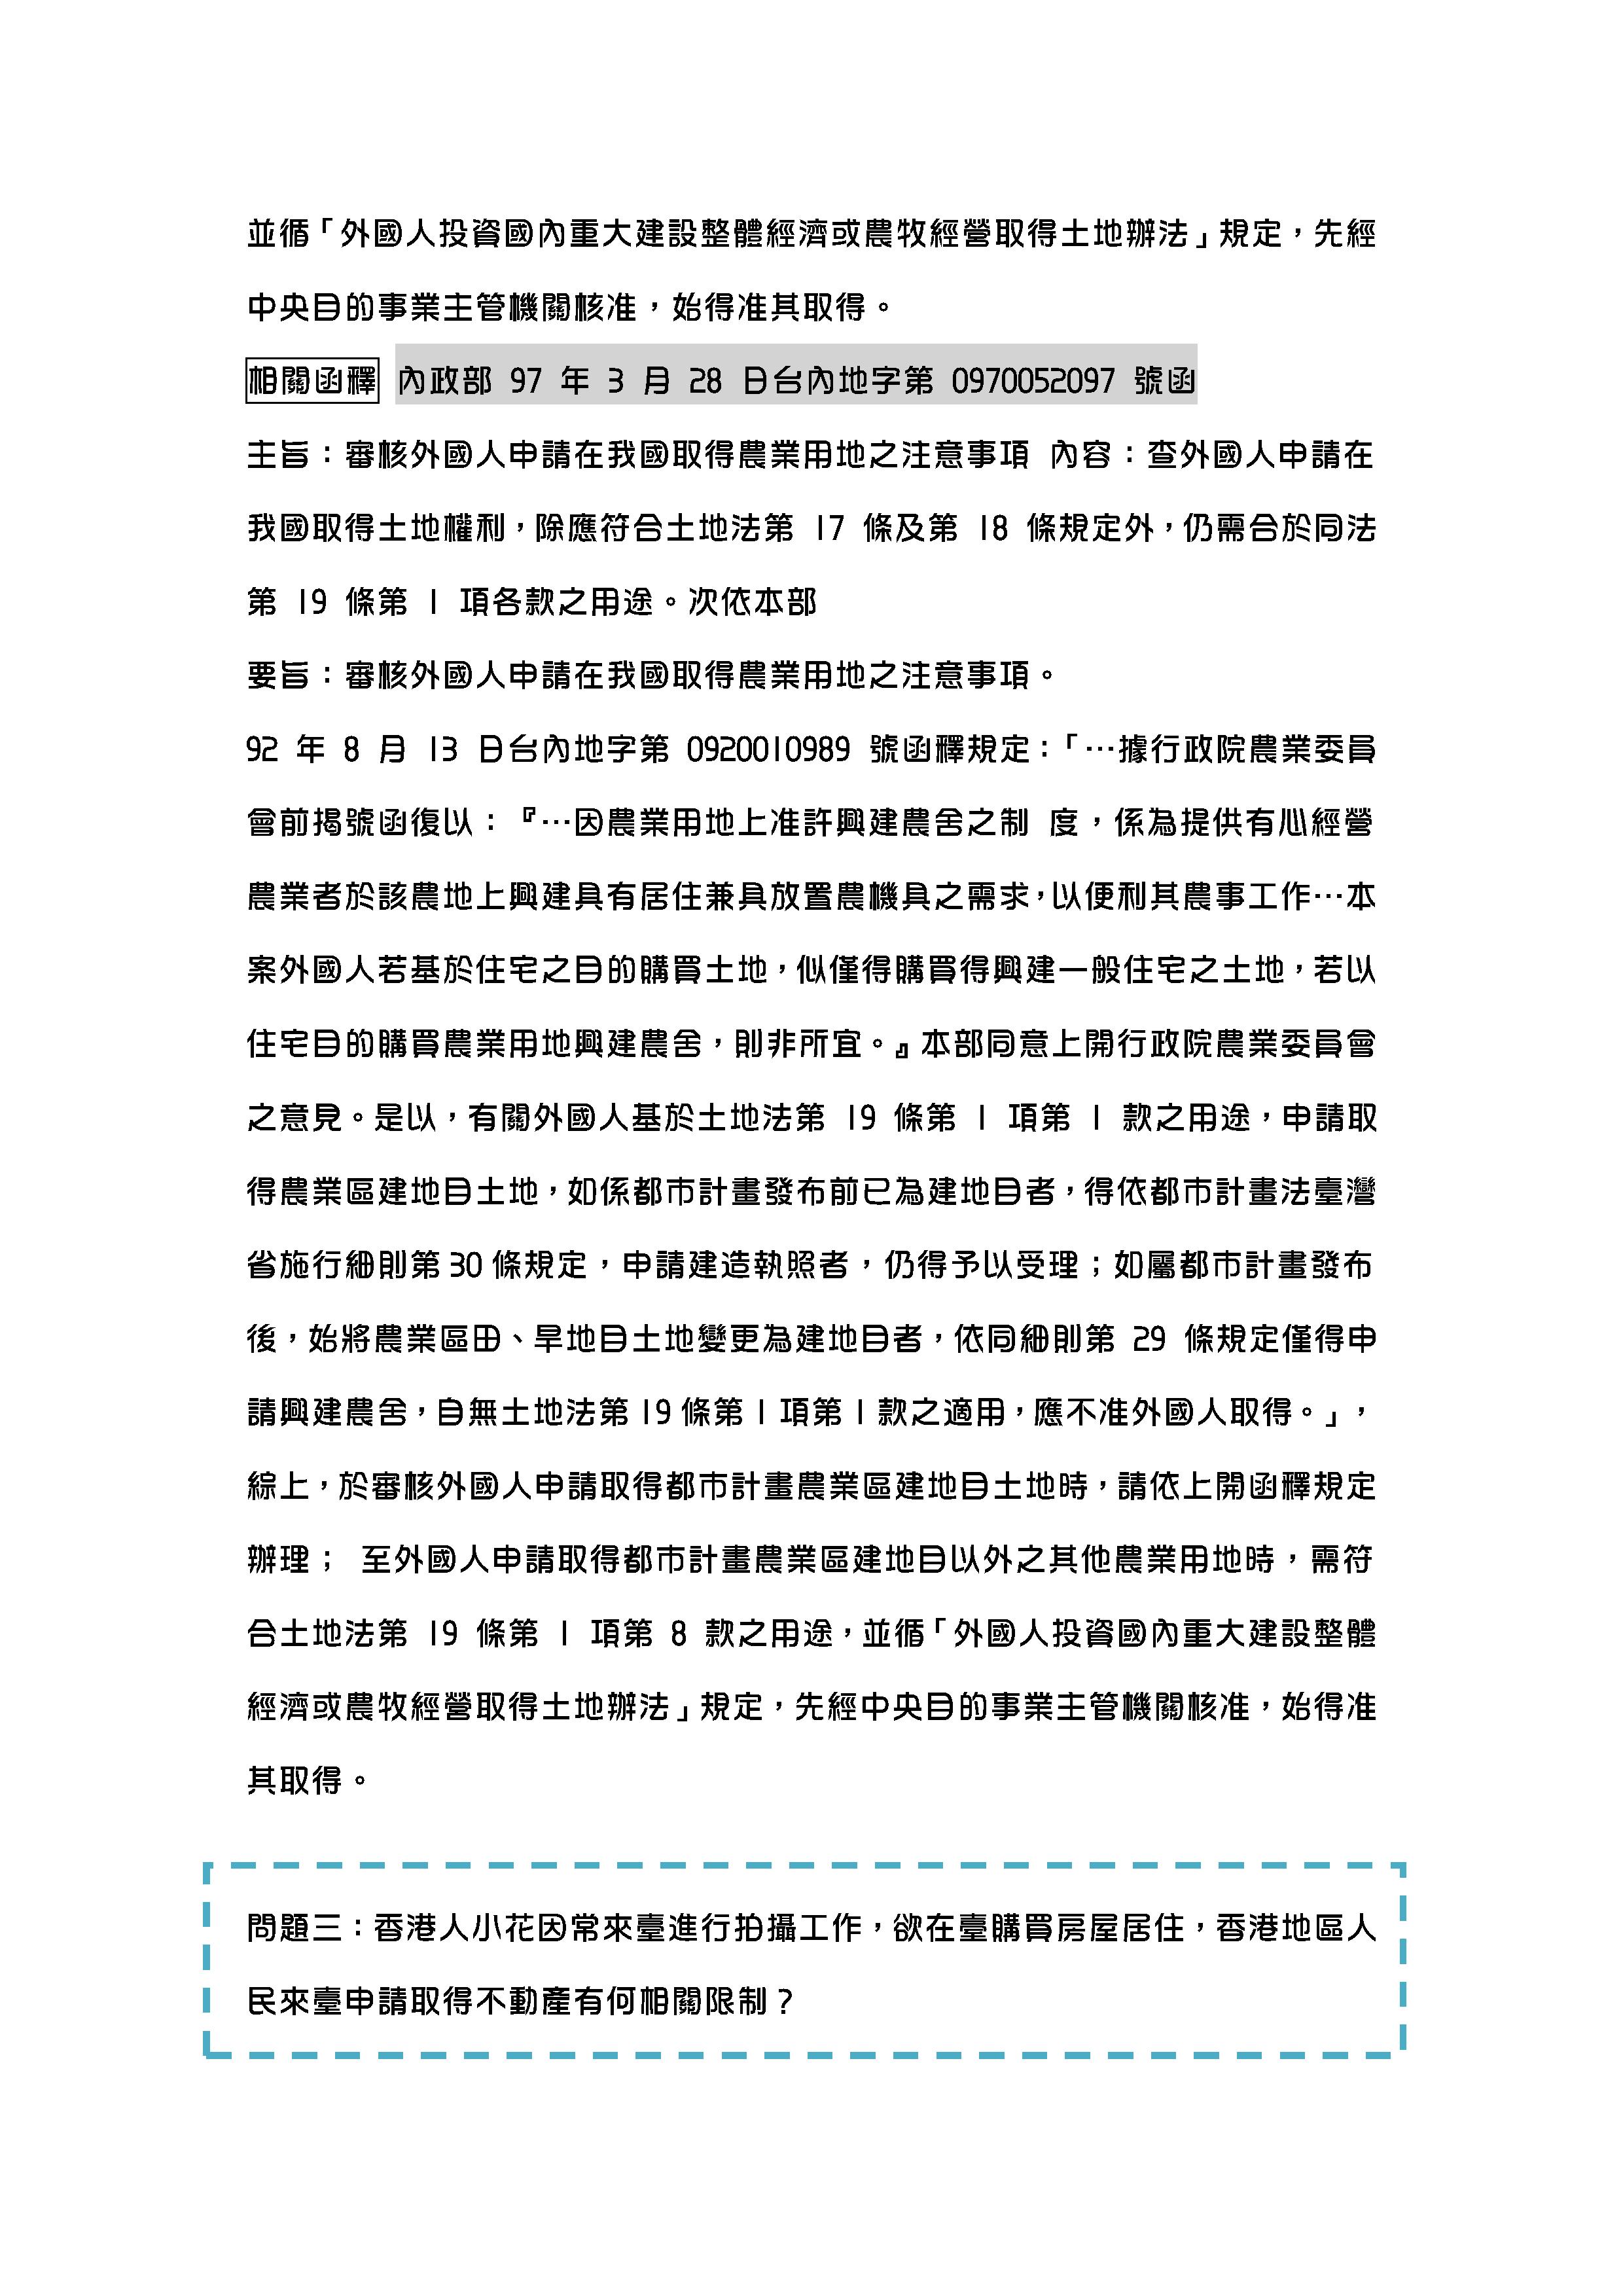 外國人常見問與答-(問題三)香港人小花因常來臺進行拍攝工作,欲在臺購買房屋居住,香港地區人民來臺申請取得不動產有何相關限制?